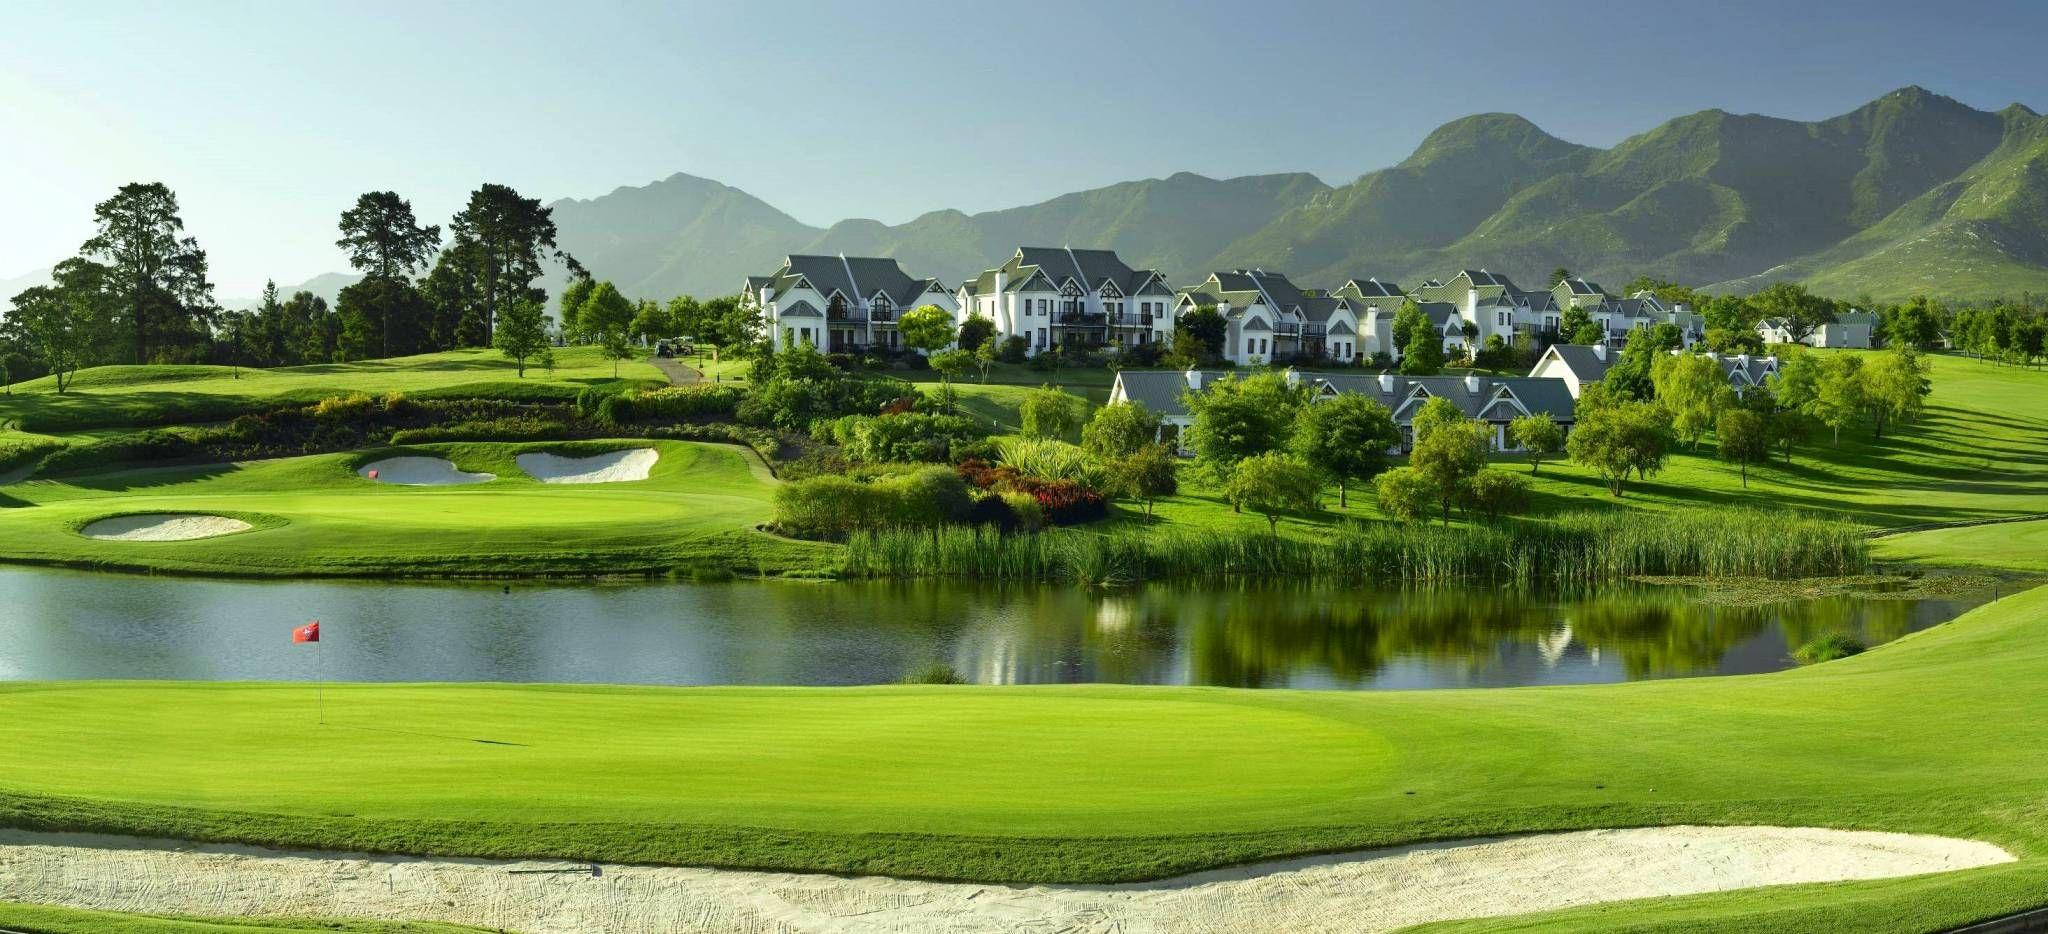 Golfplatz mit ausladenden Teichen vor einer Bergkulisse in Südafrika